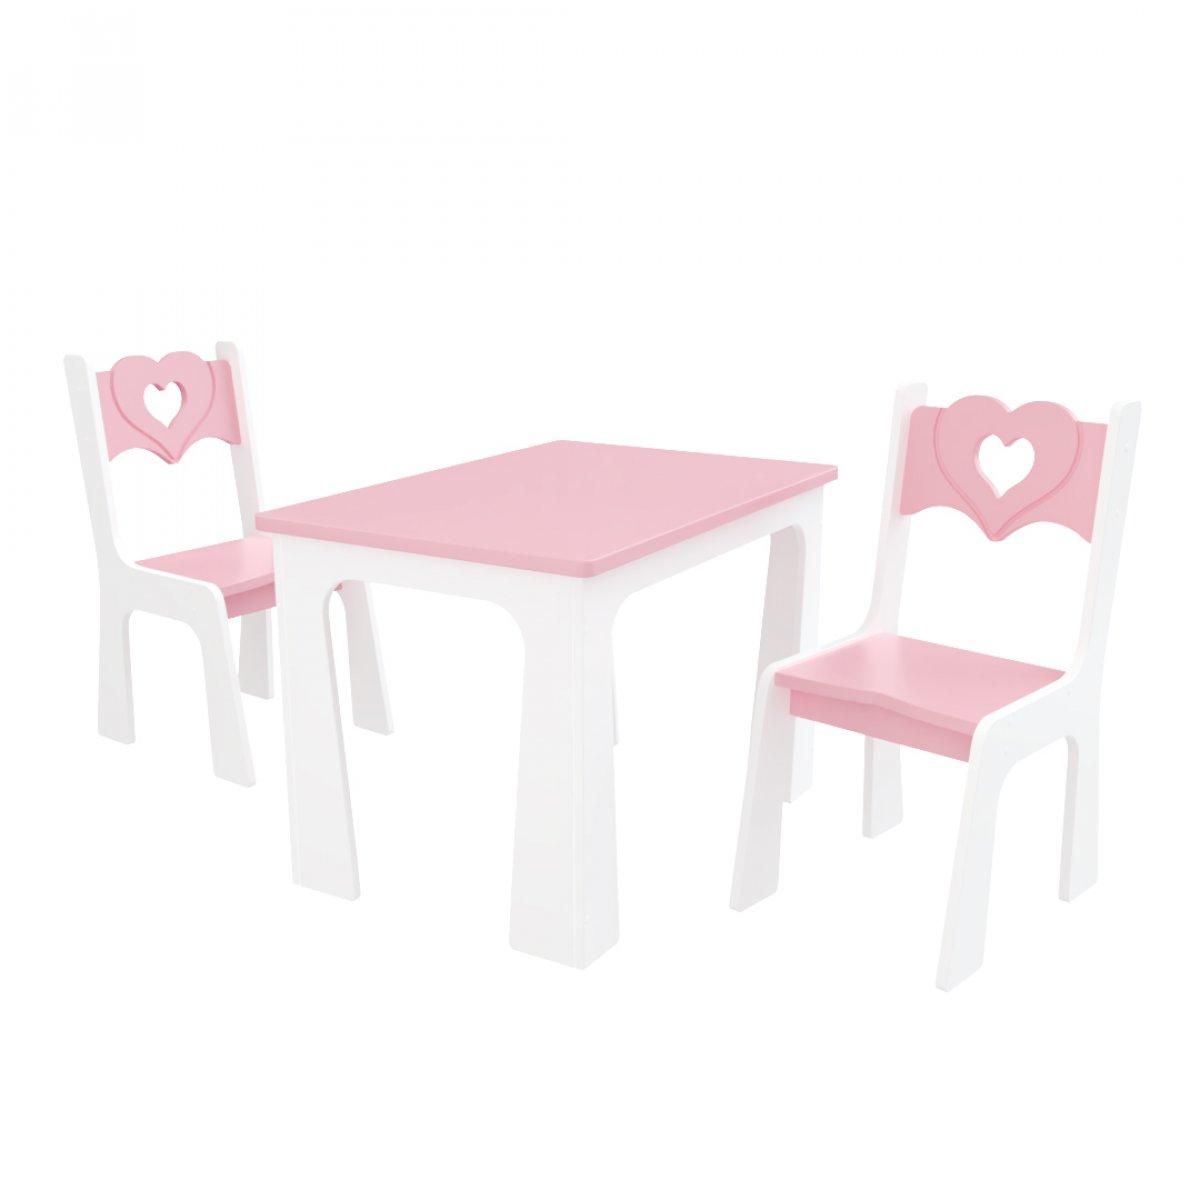 Stůl + dvě židle - srdce růžovo-bílá